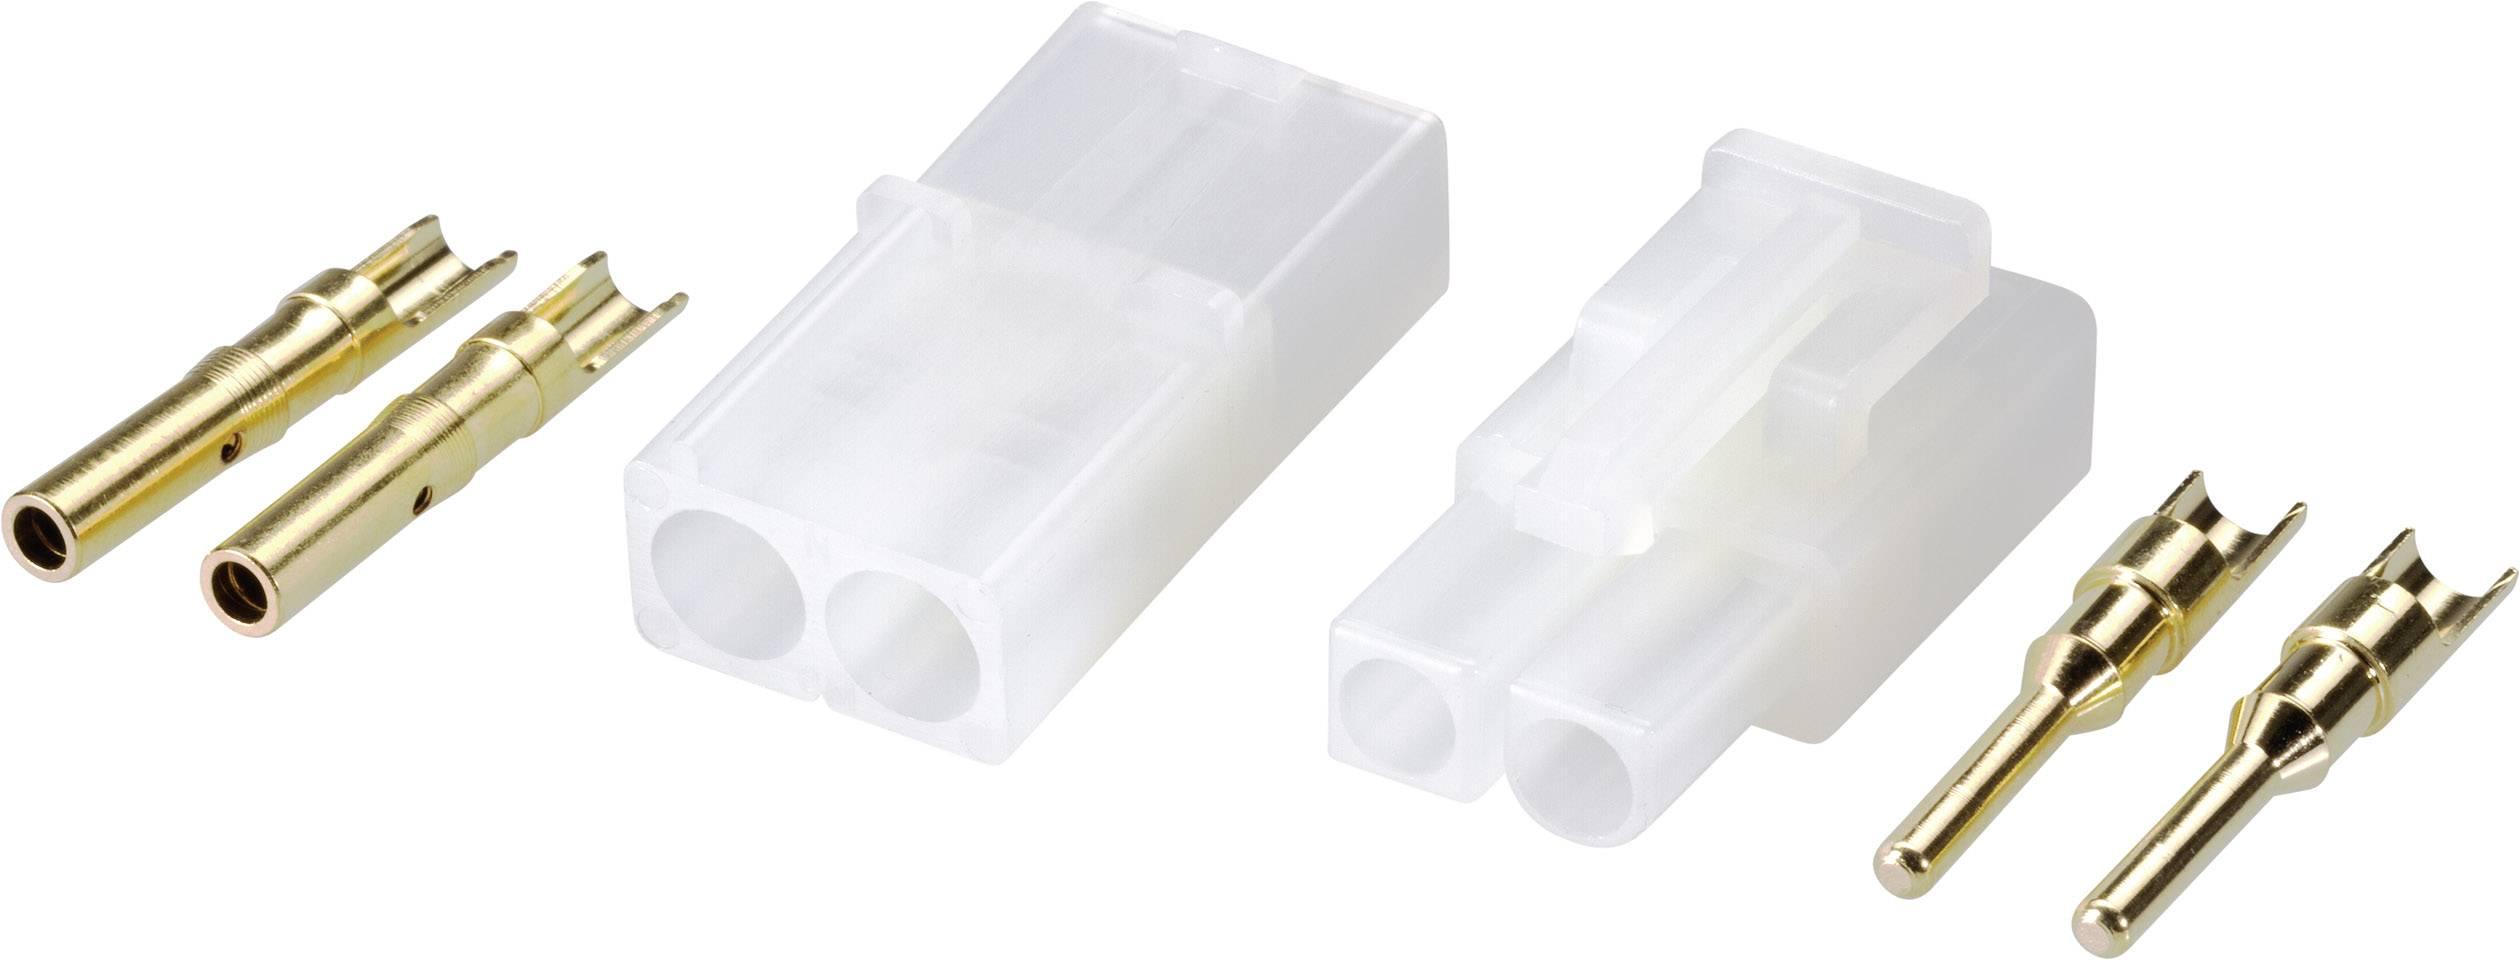 Zásuvkový konektor k prepojeniu akumulátora a regulátora RC modelu, zástrčkový konektor k prepojeniu akumulátora a regulátora RC modelu Modelcraft 224002, Tamiya, 1 pár